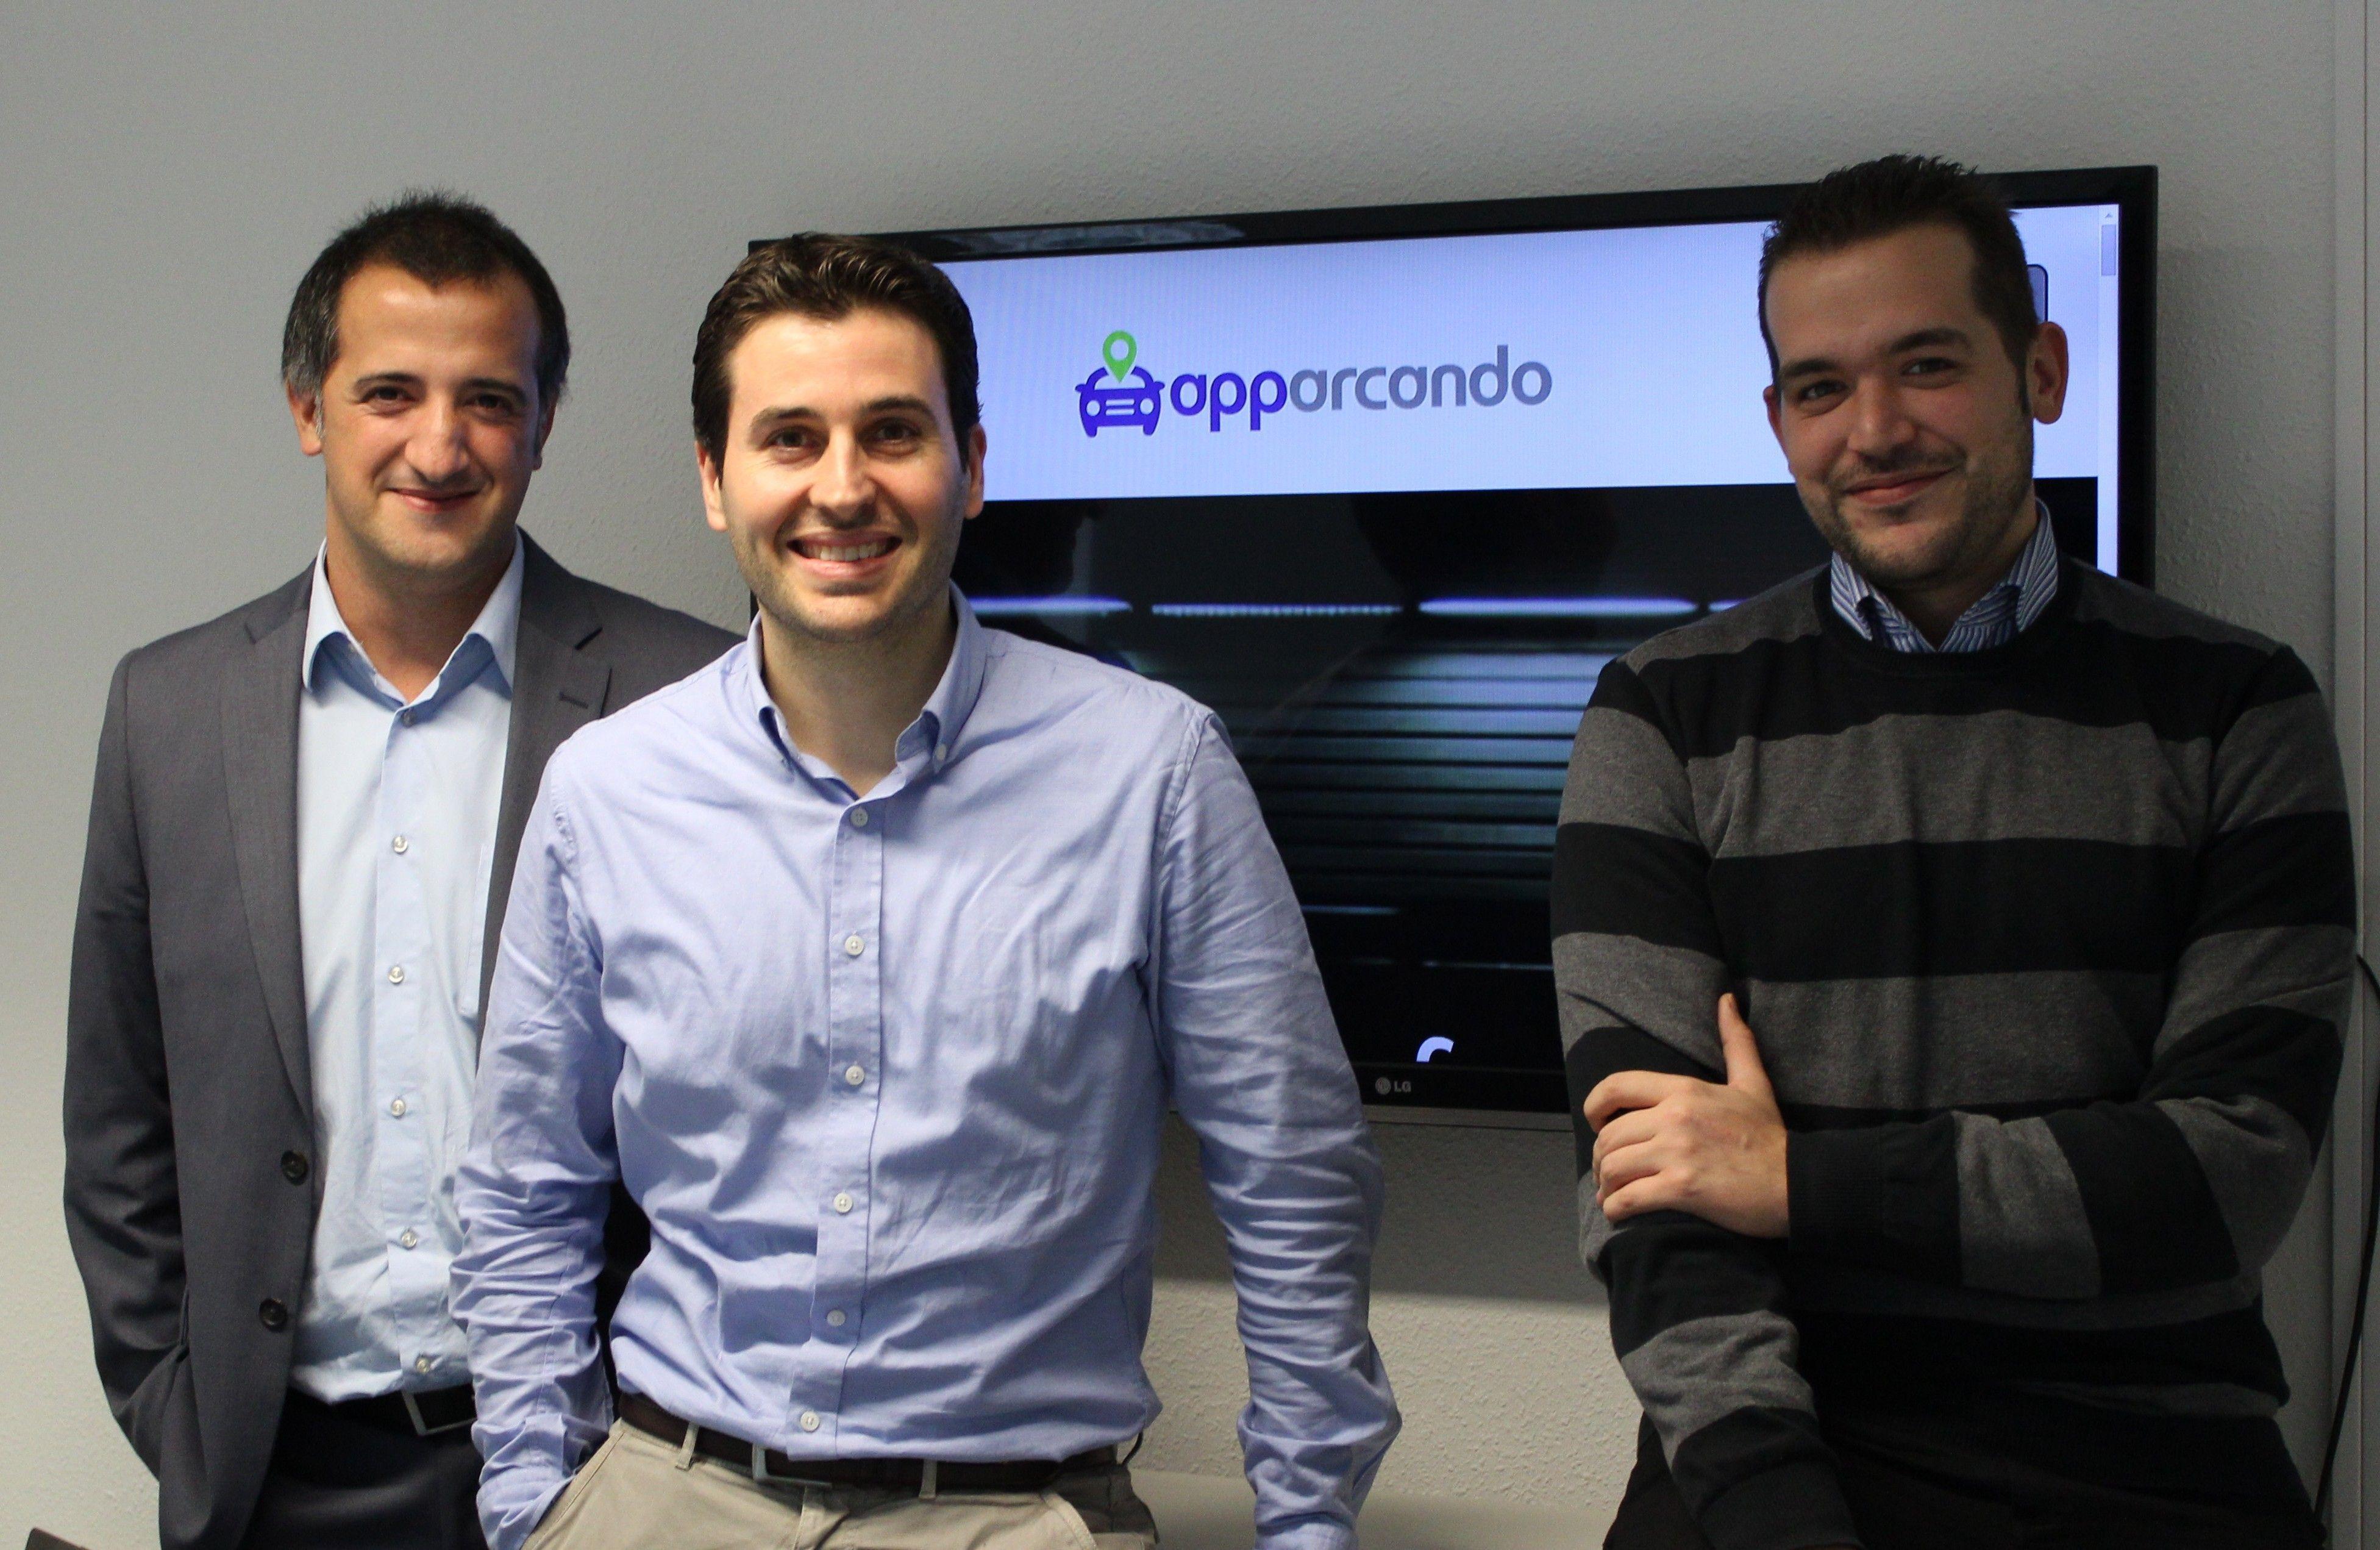 Fotografía del equipo de Apparcando